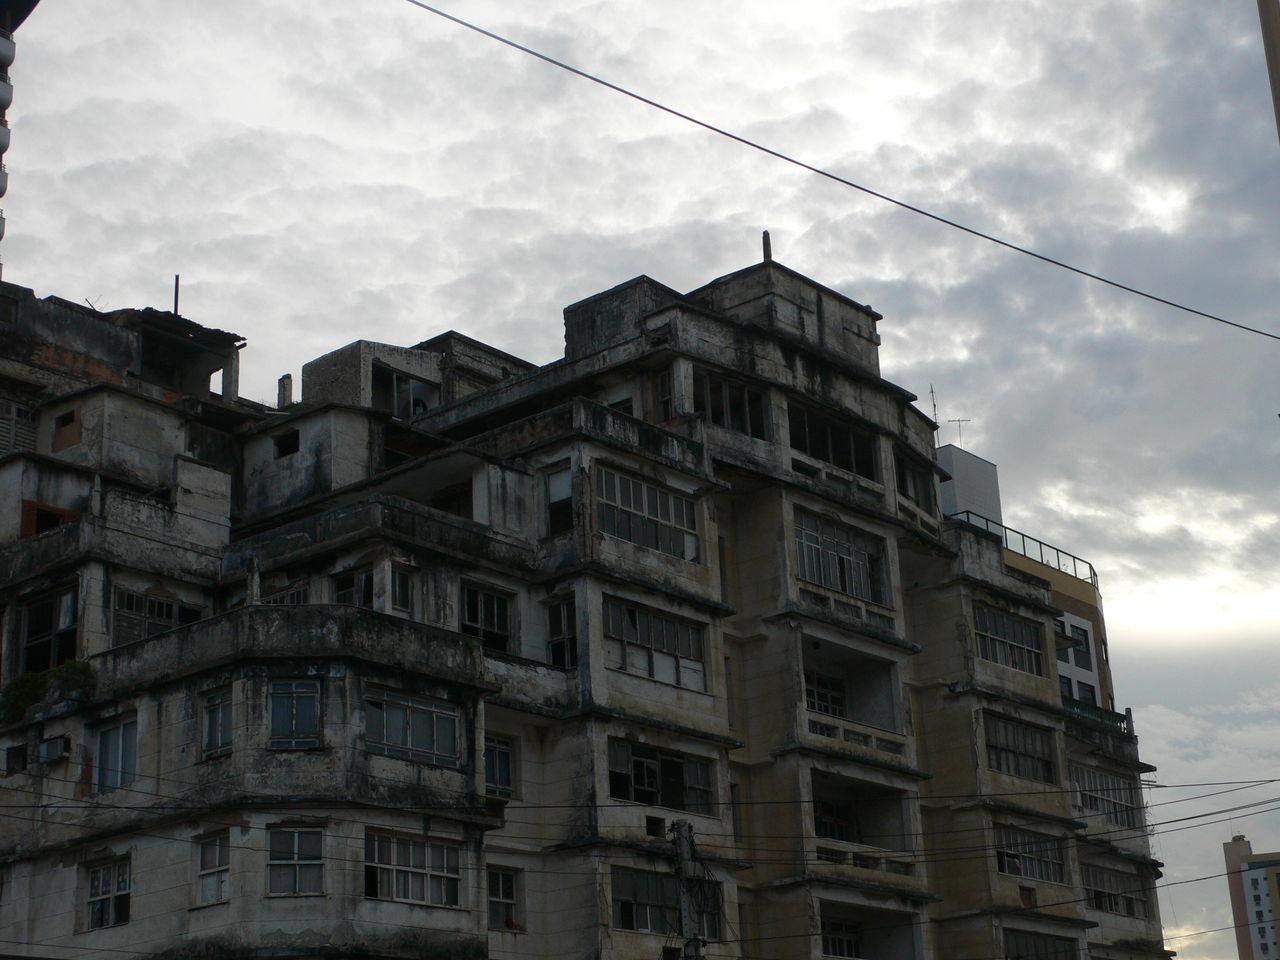 #derelict  #derelictbuilding #GhostTown